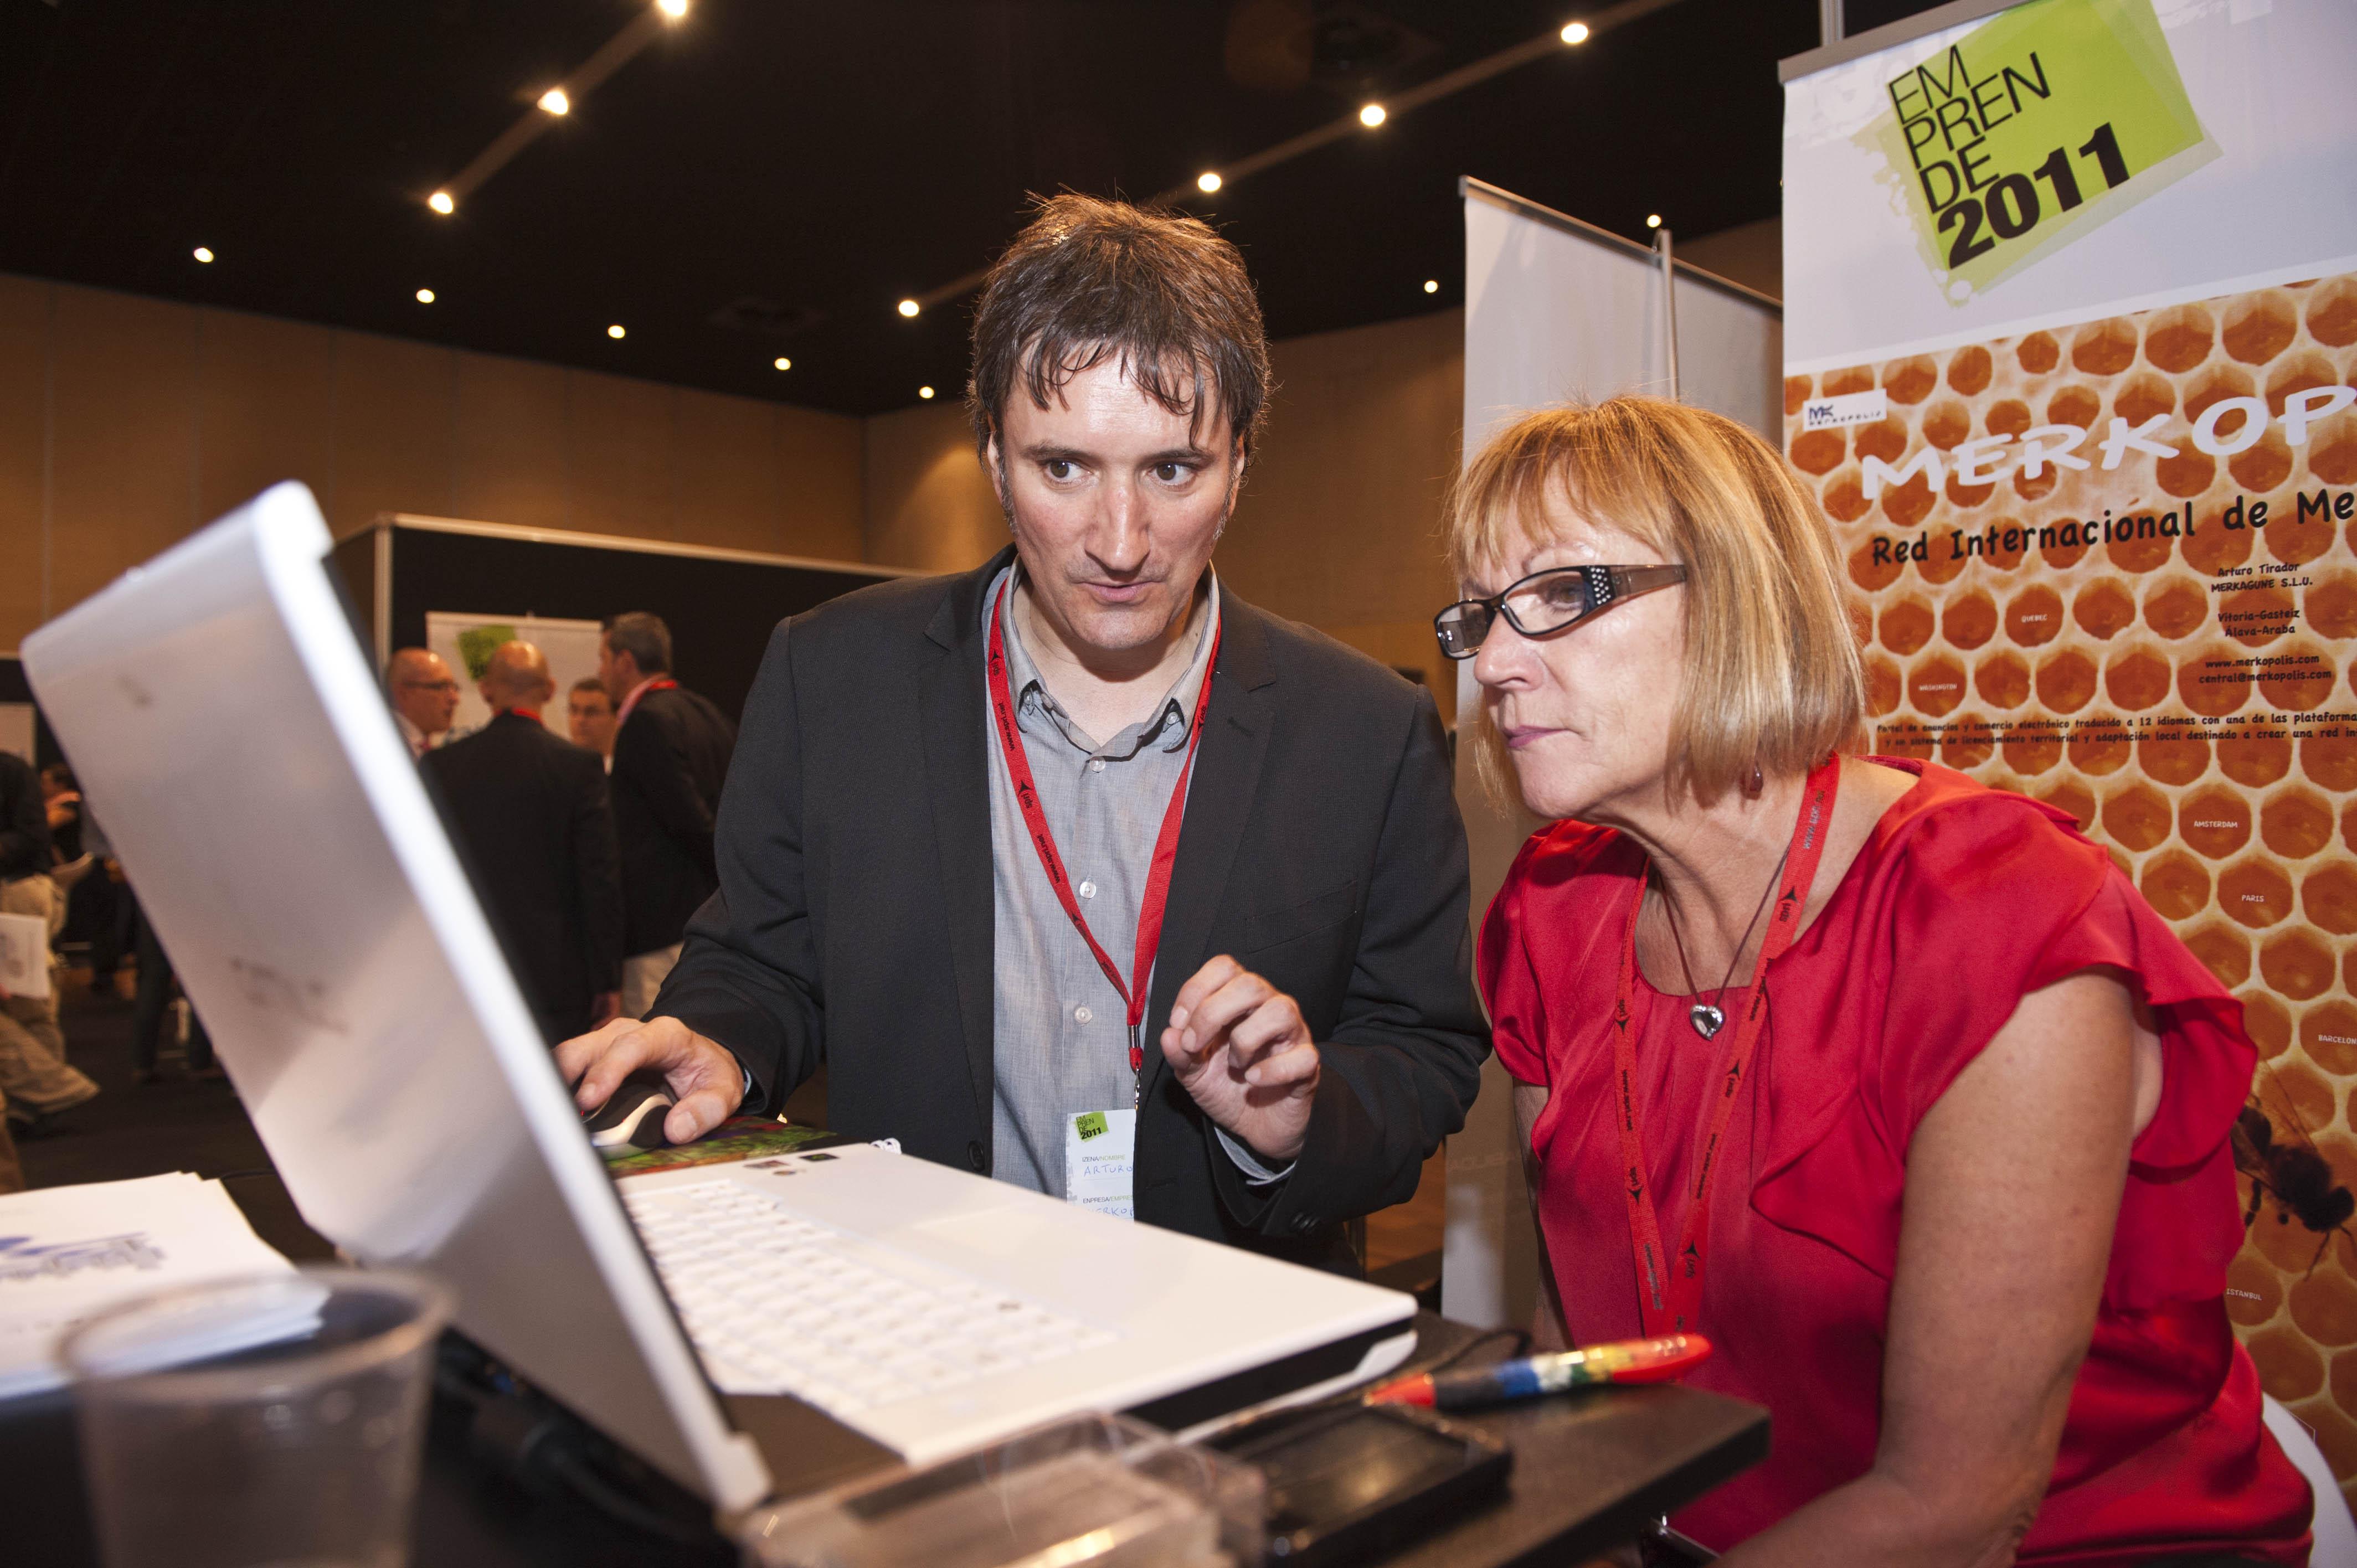 2011_09_14_emprendedores_028.jpg